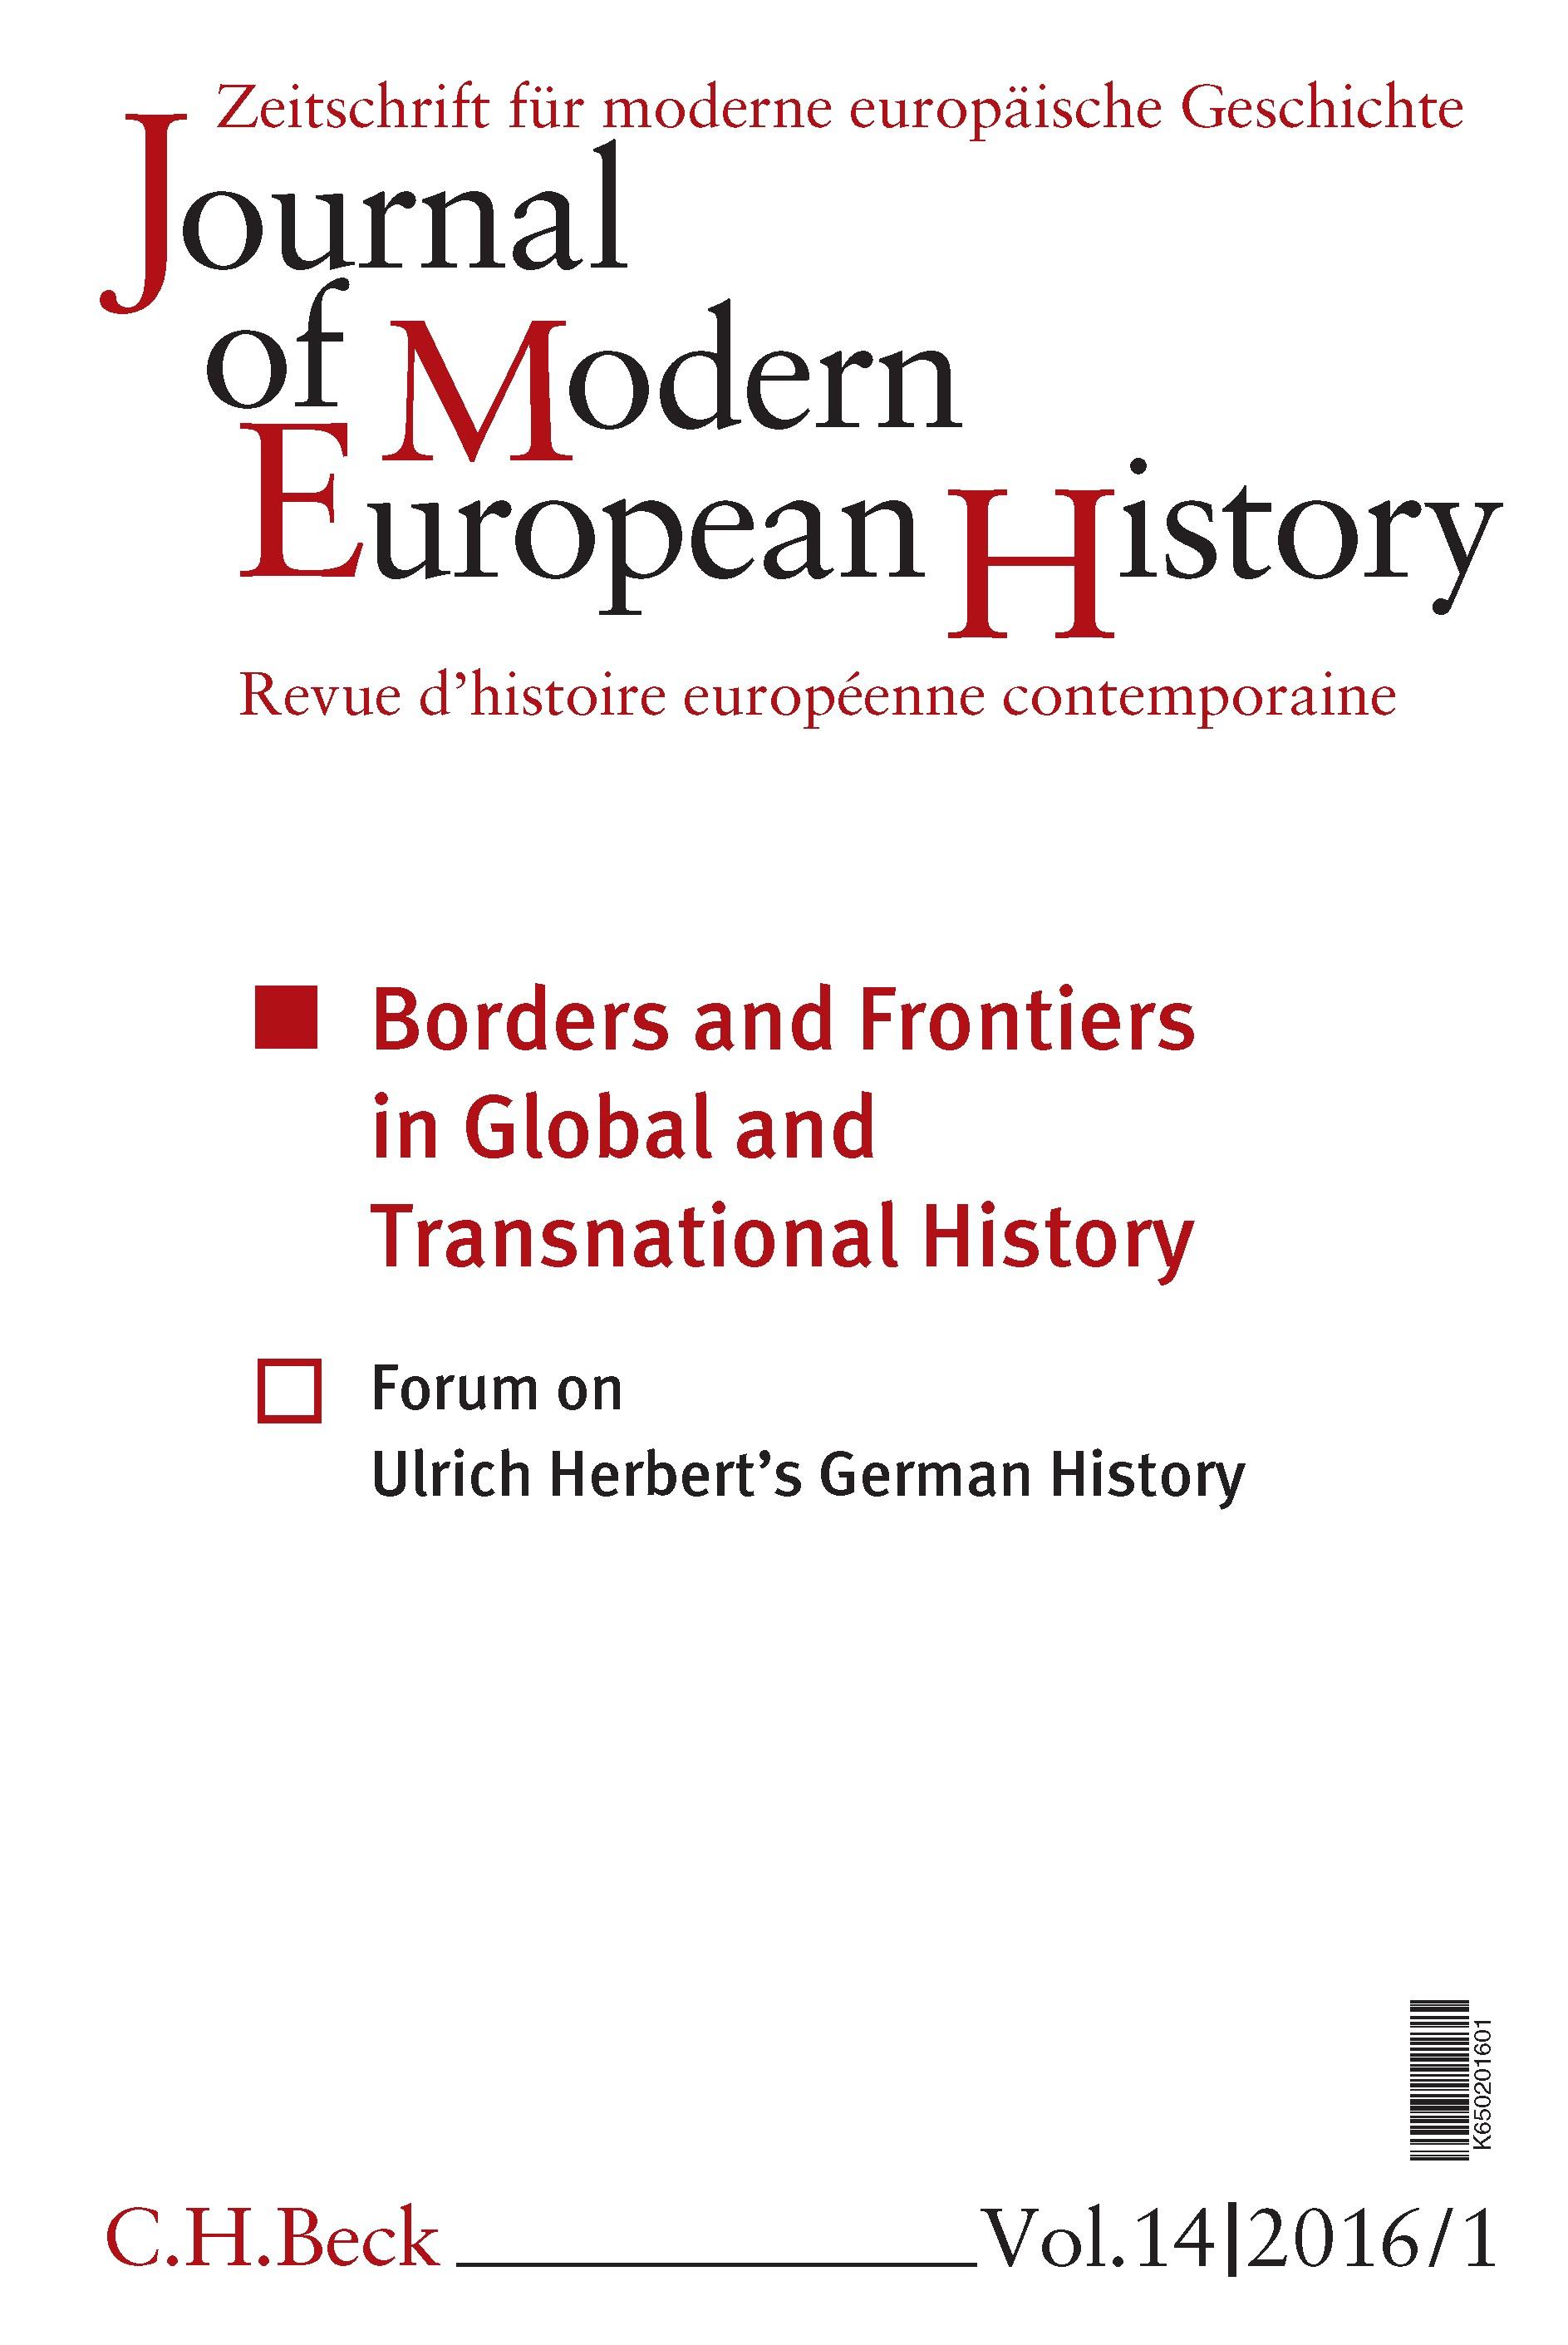 Cover des Buches 'Journal of Modern European History. Volume 14 (2016) Heft 1 = Zeitschrift für moderne europäische Geschichte = Revue d`histoire européenne contemporaine'